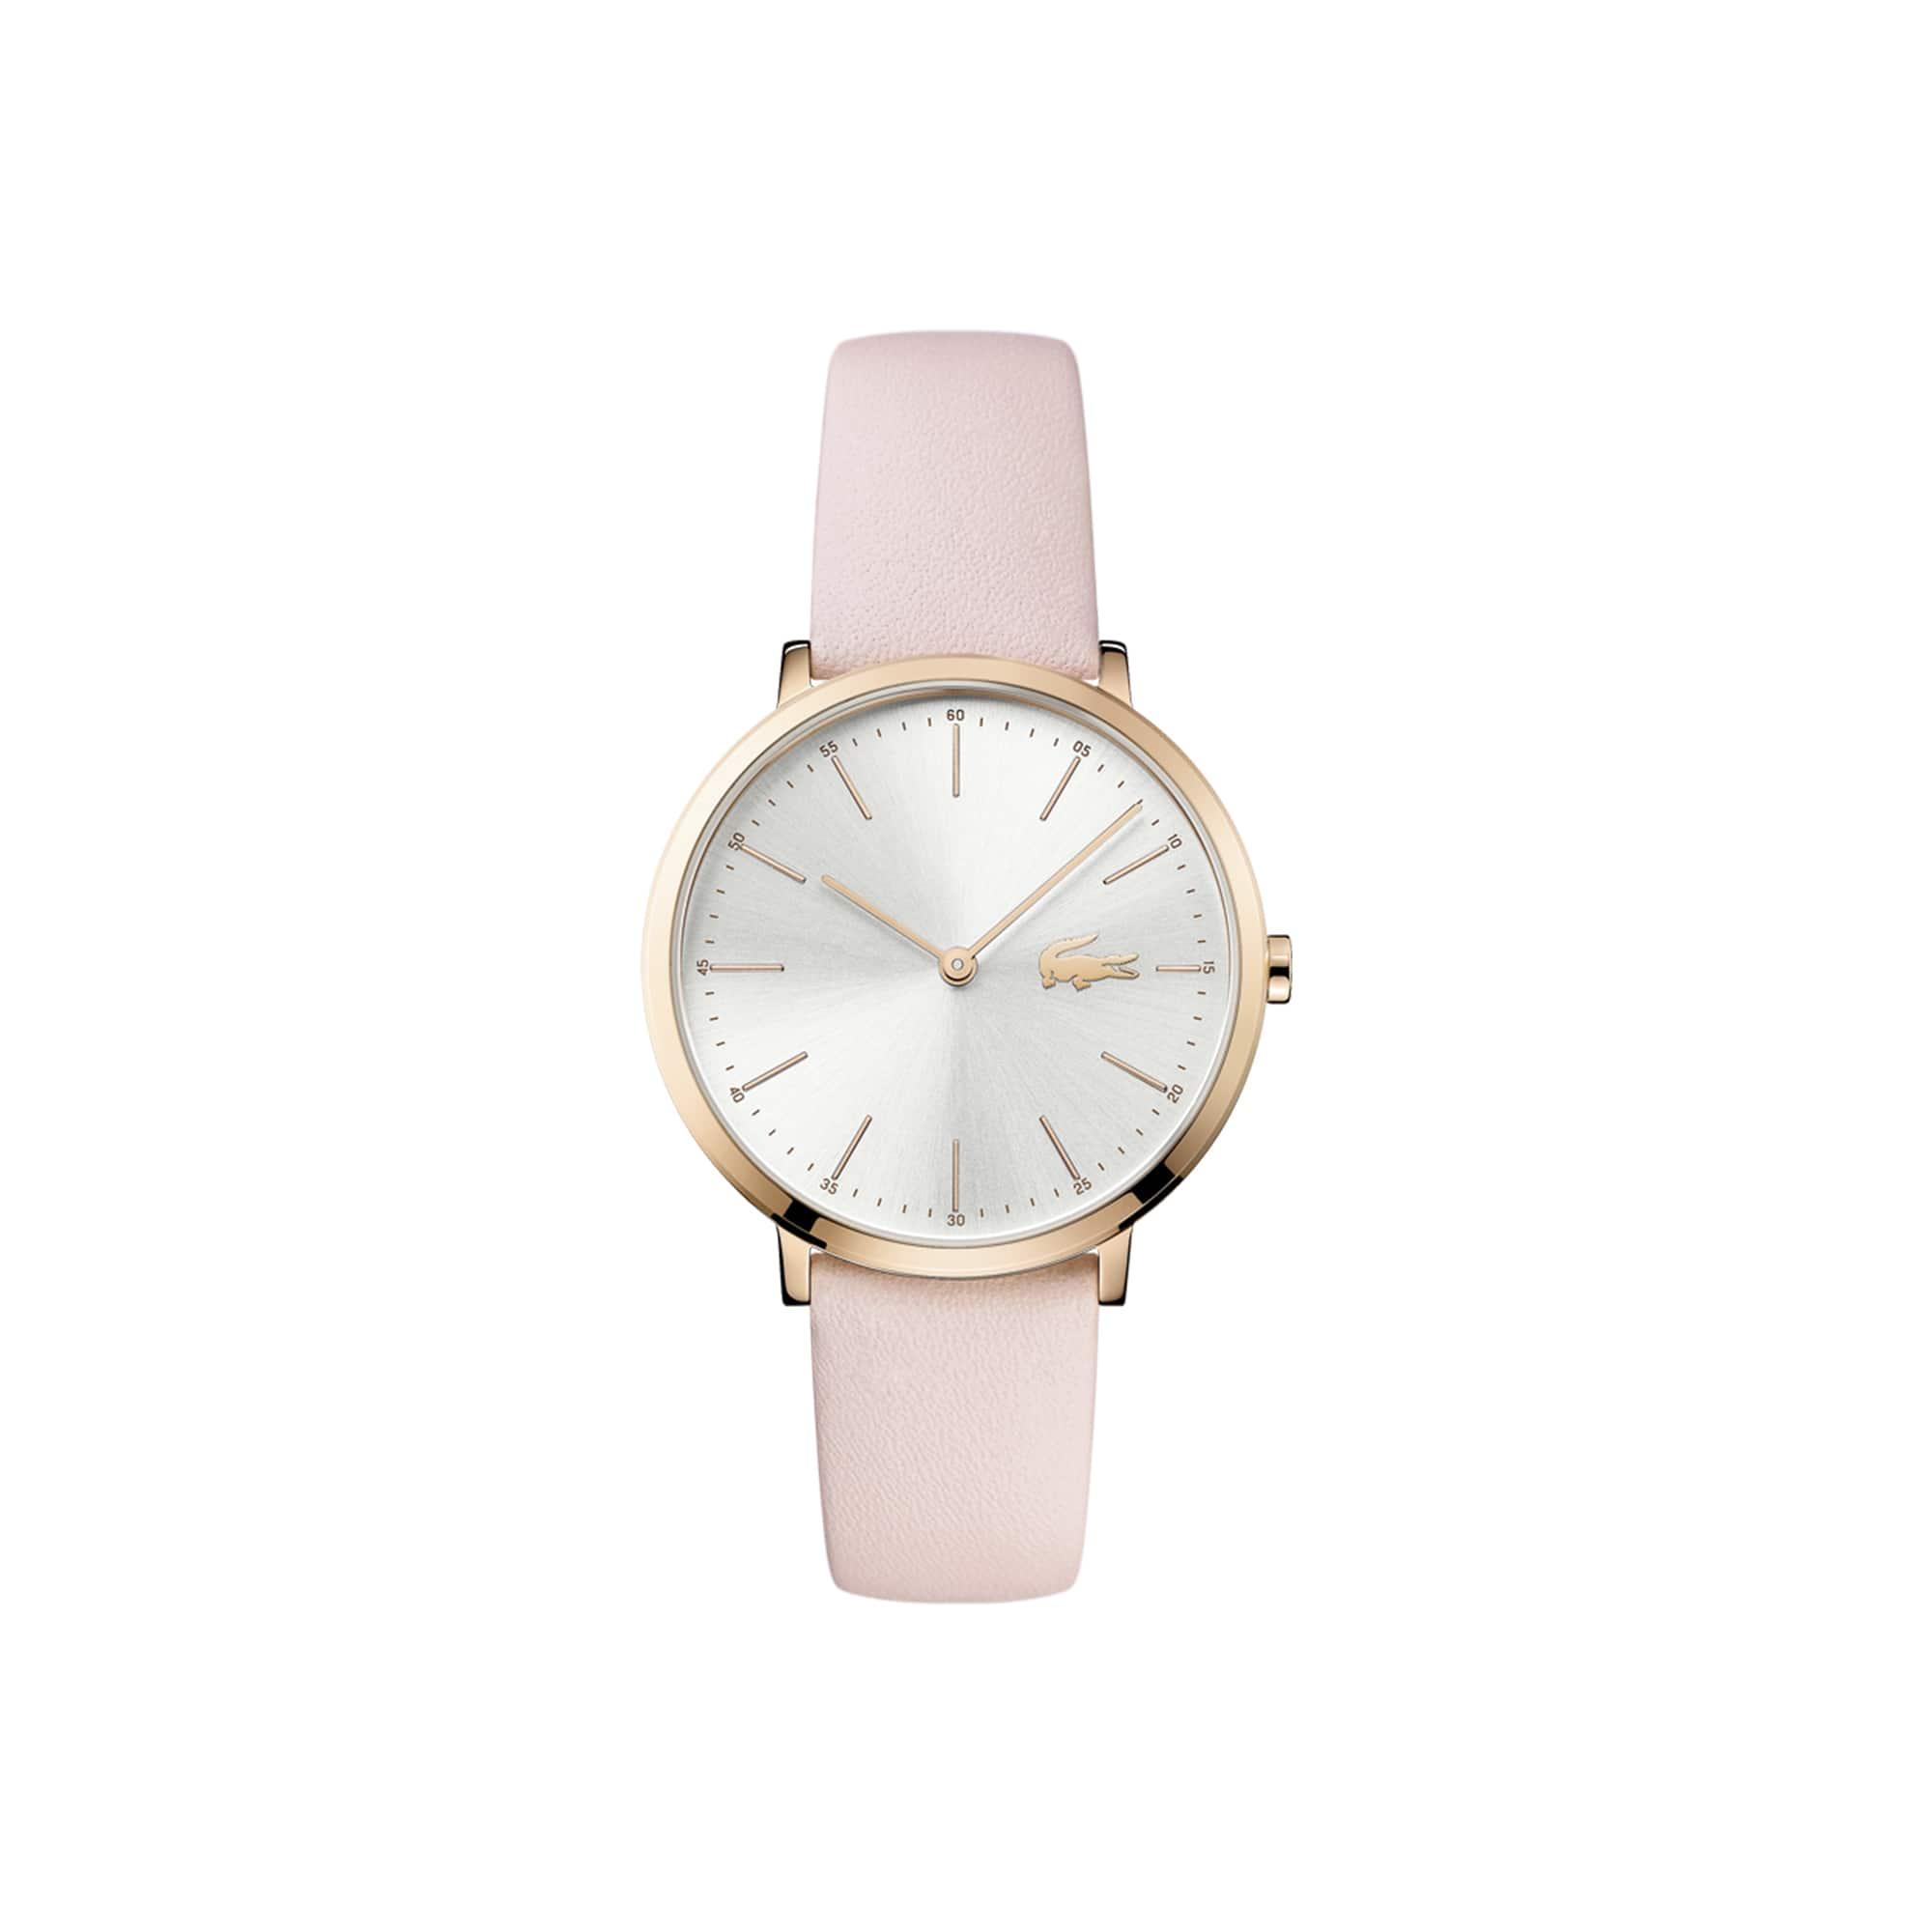 Reloj de Mujer Moon Ultrafino con Correa de Piel Rosa